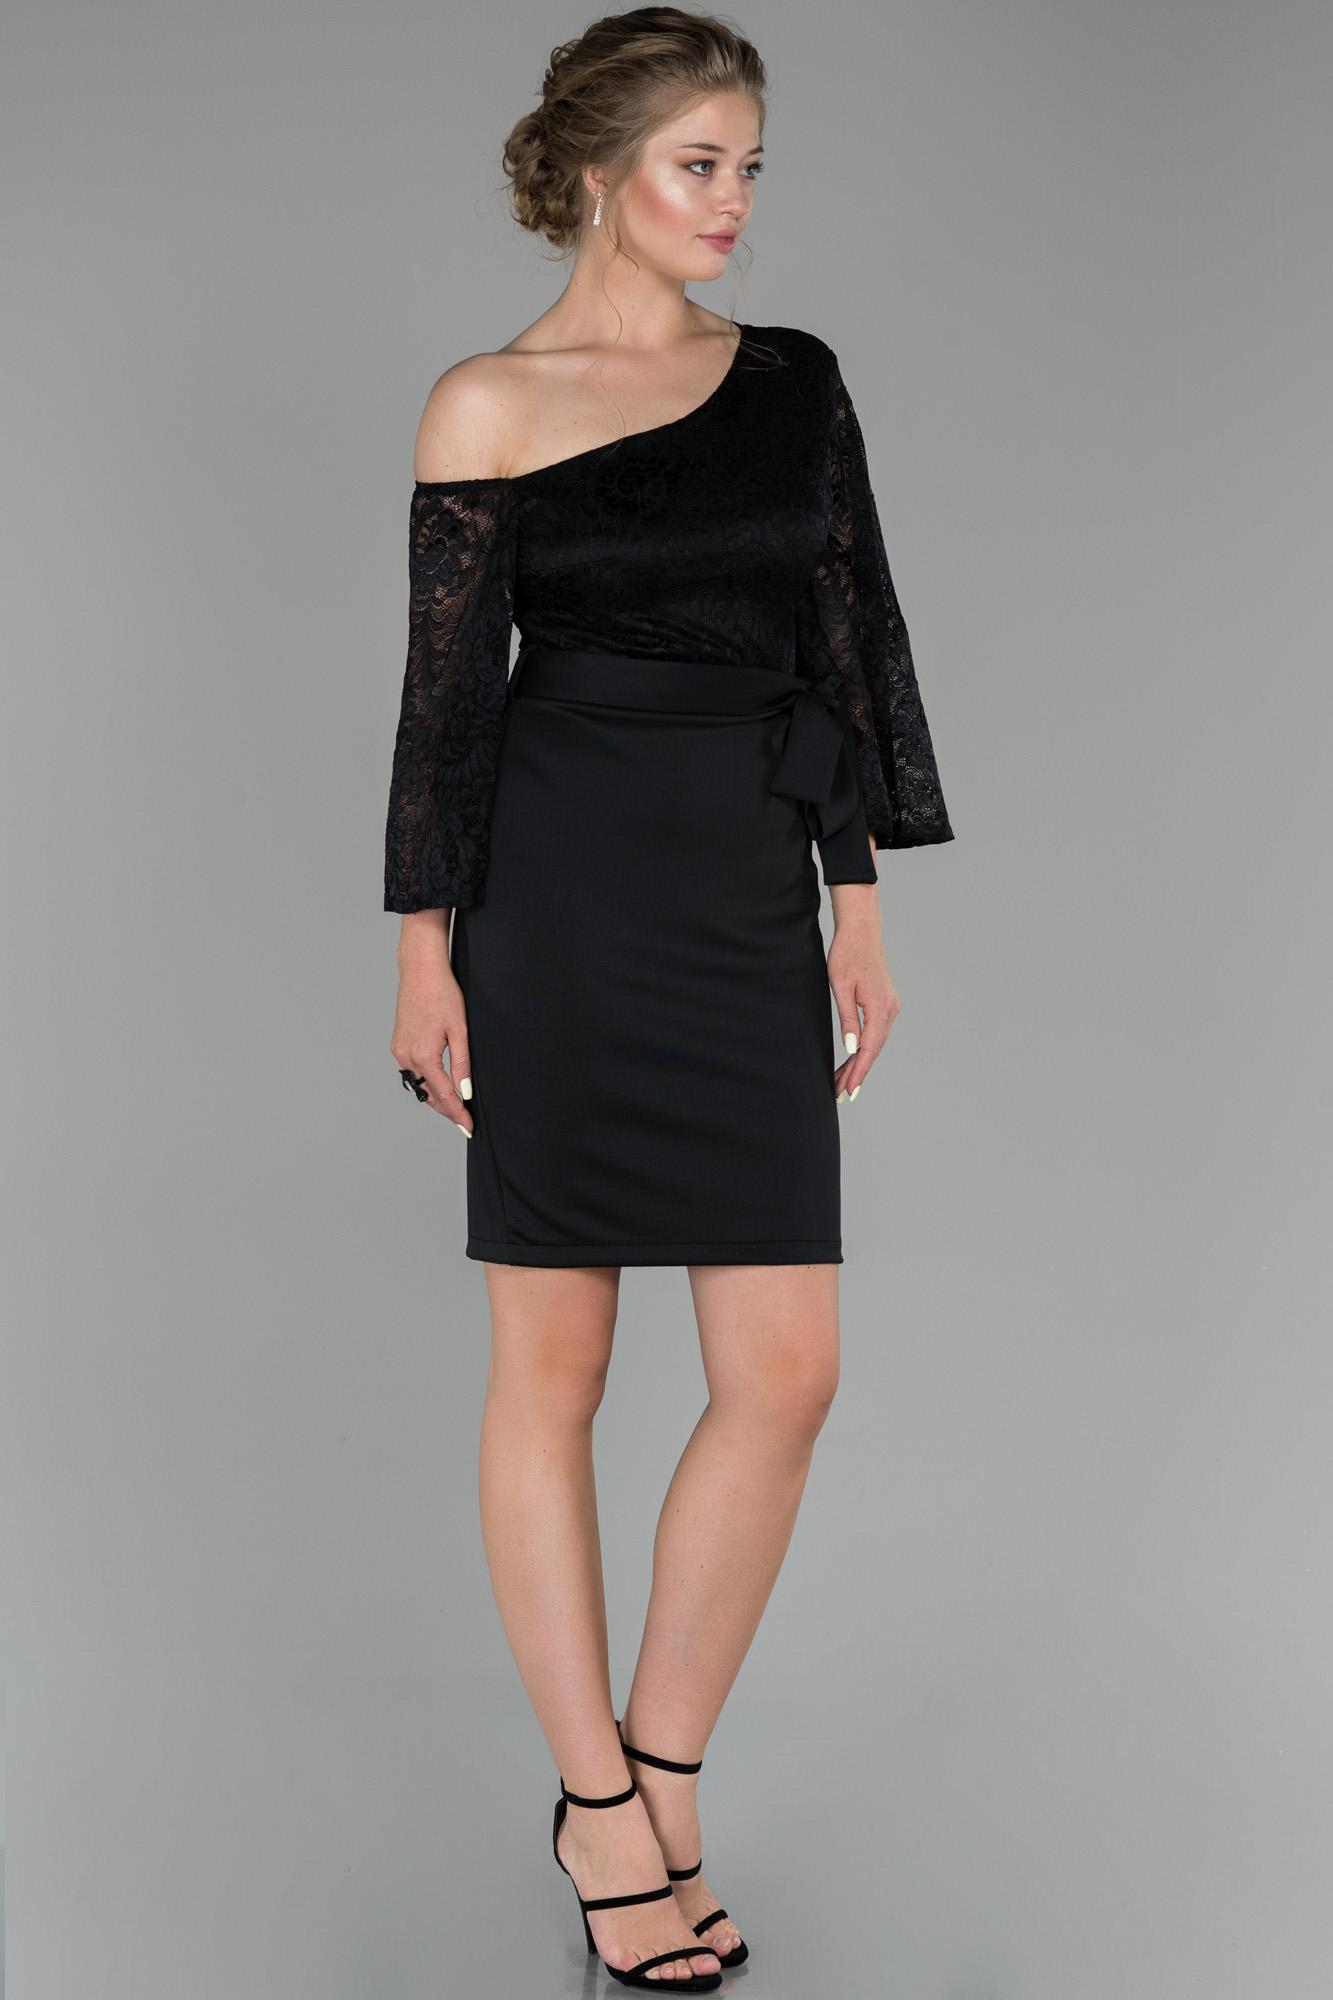 Siyah Omuz Dekolteli Dantel Detaylı Davet Elbisesi